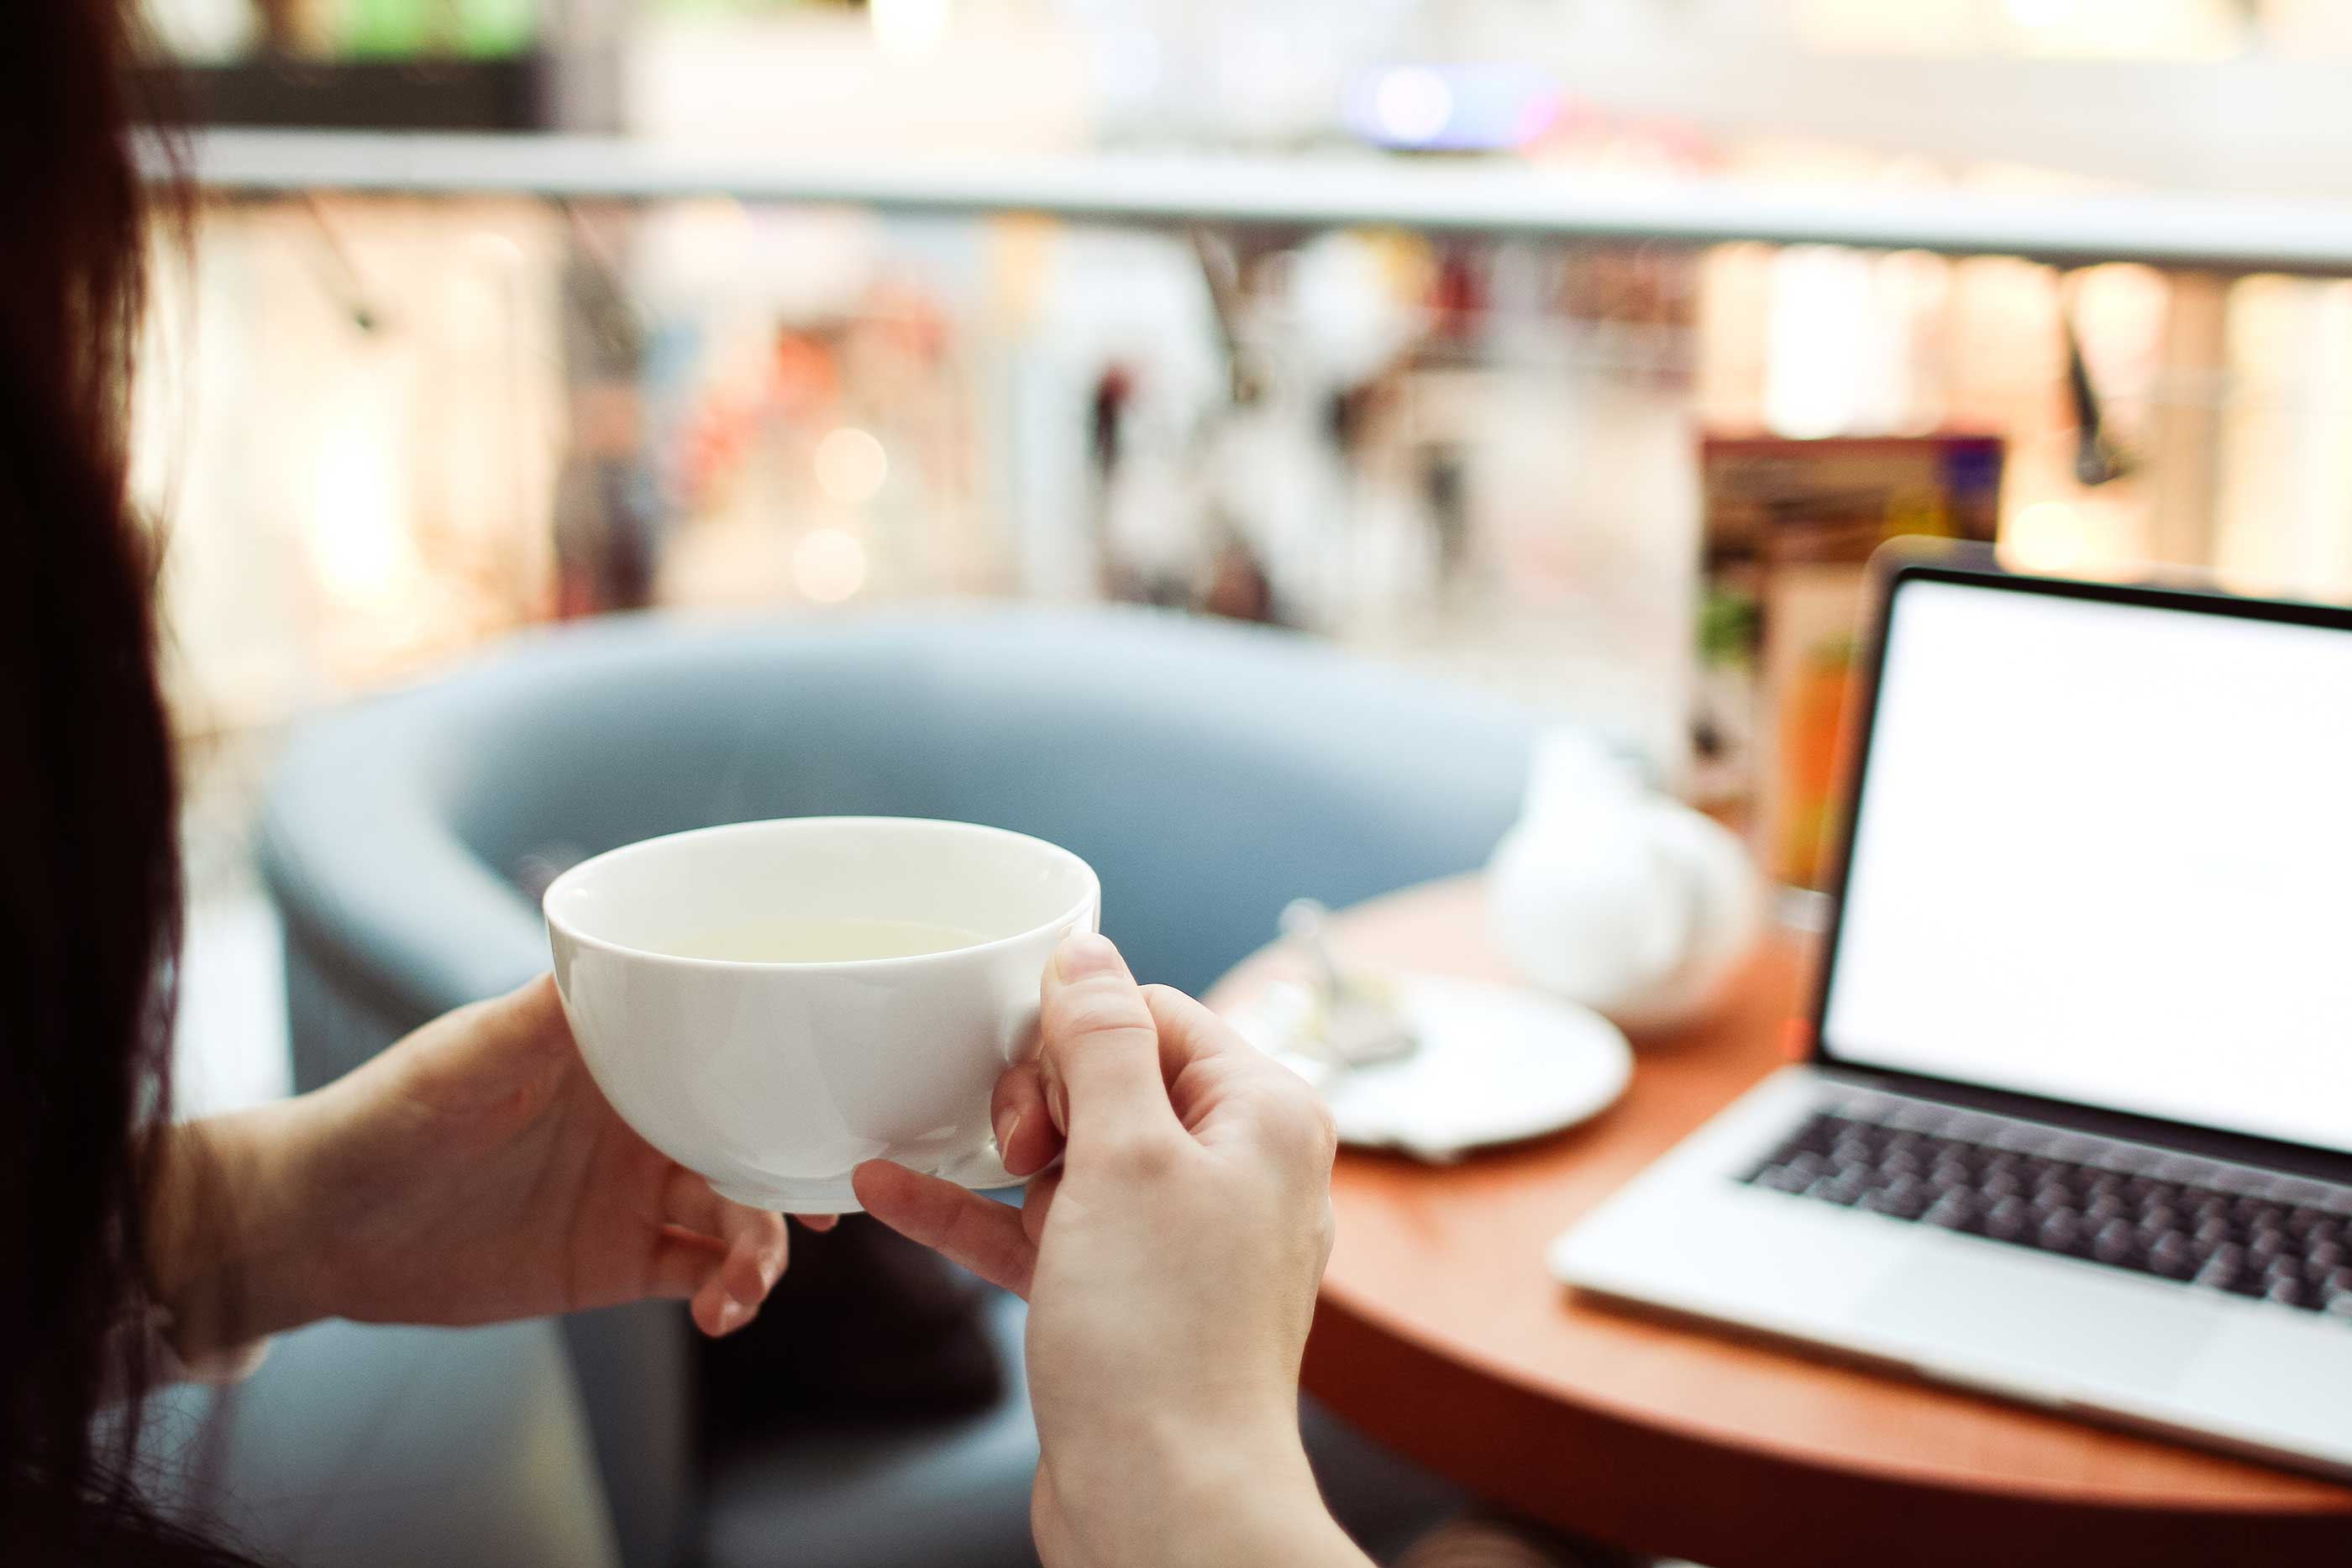 GRAB A COFFEE